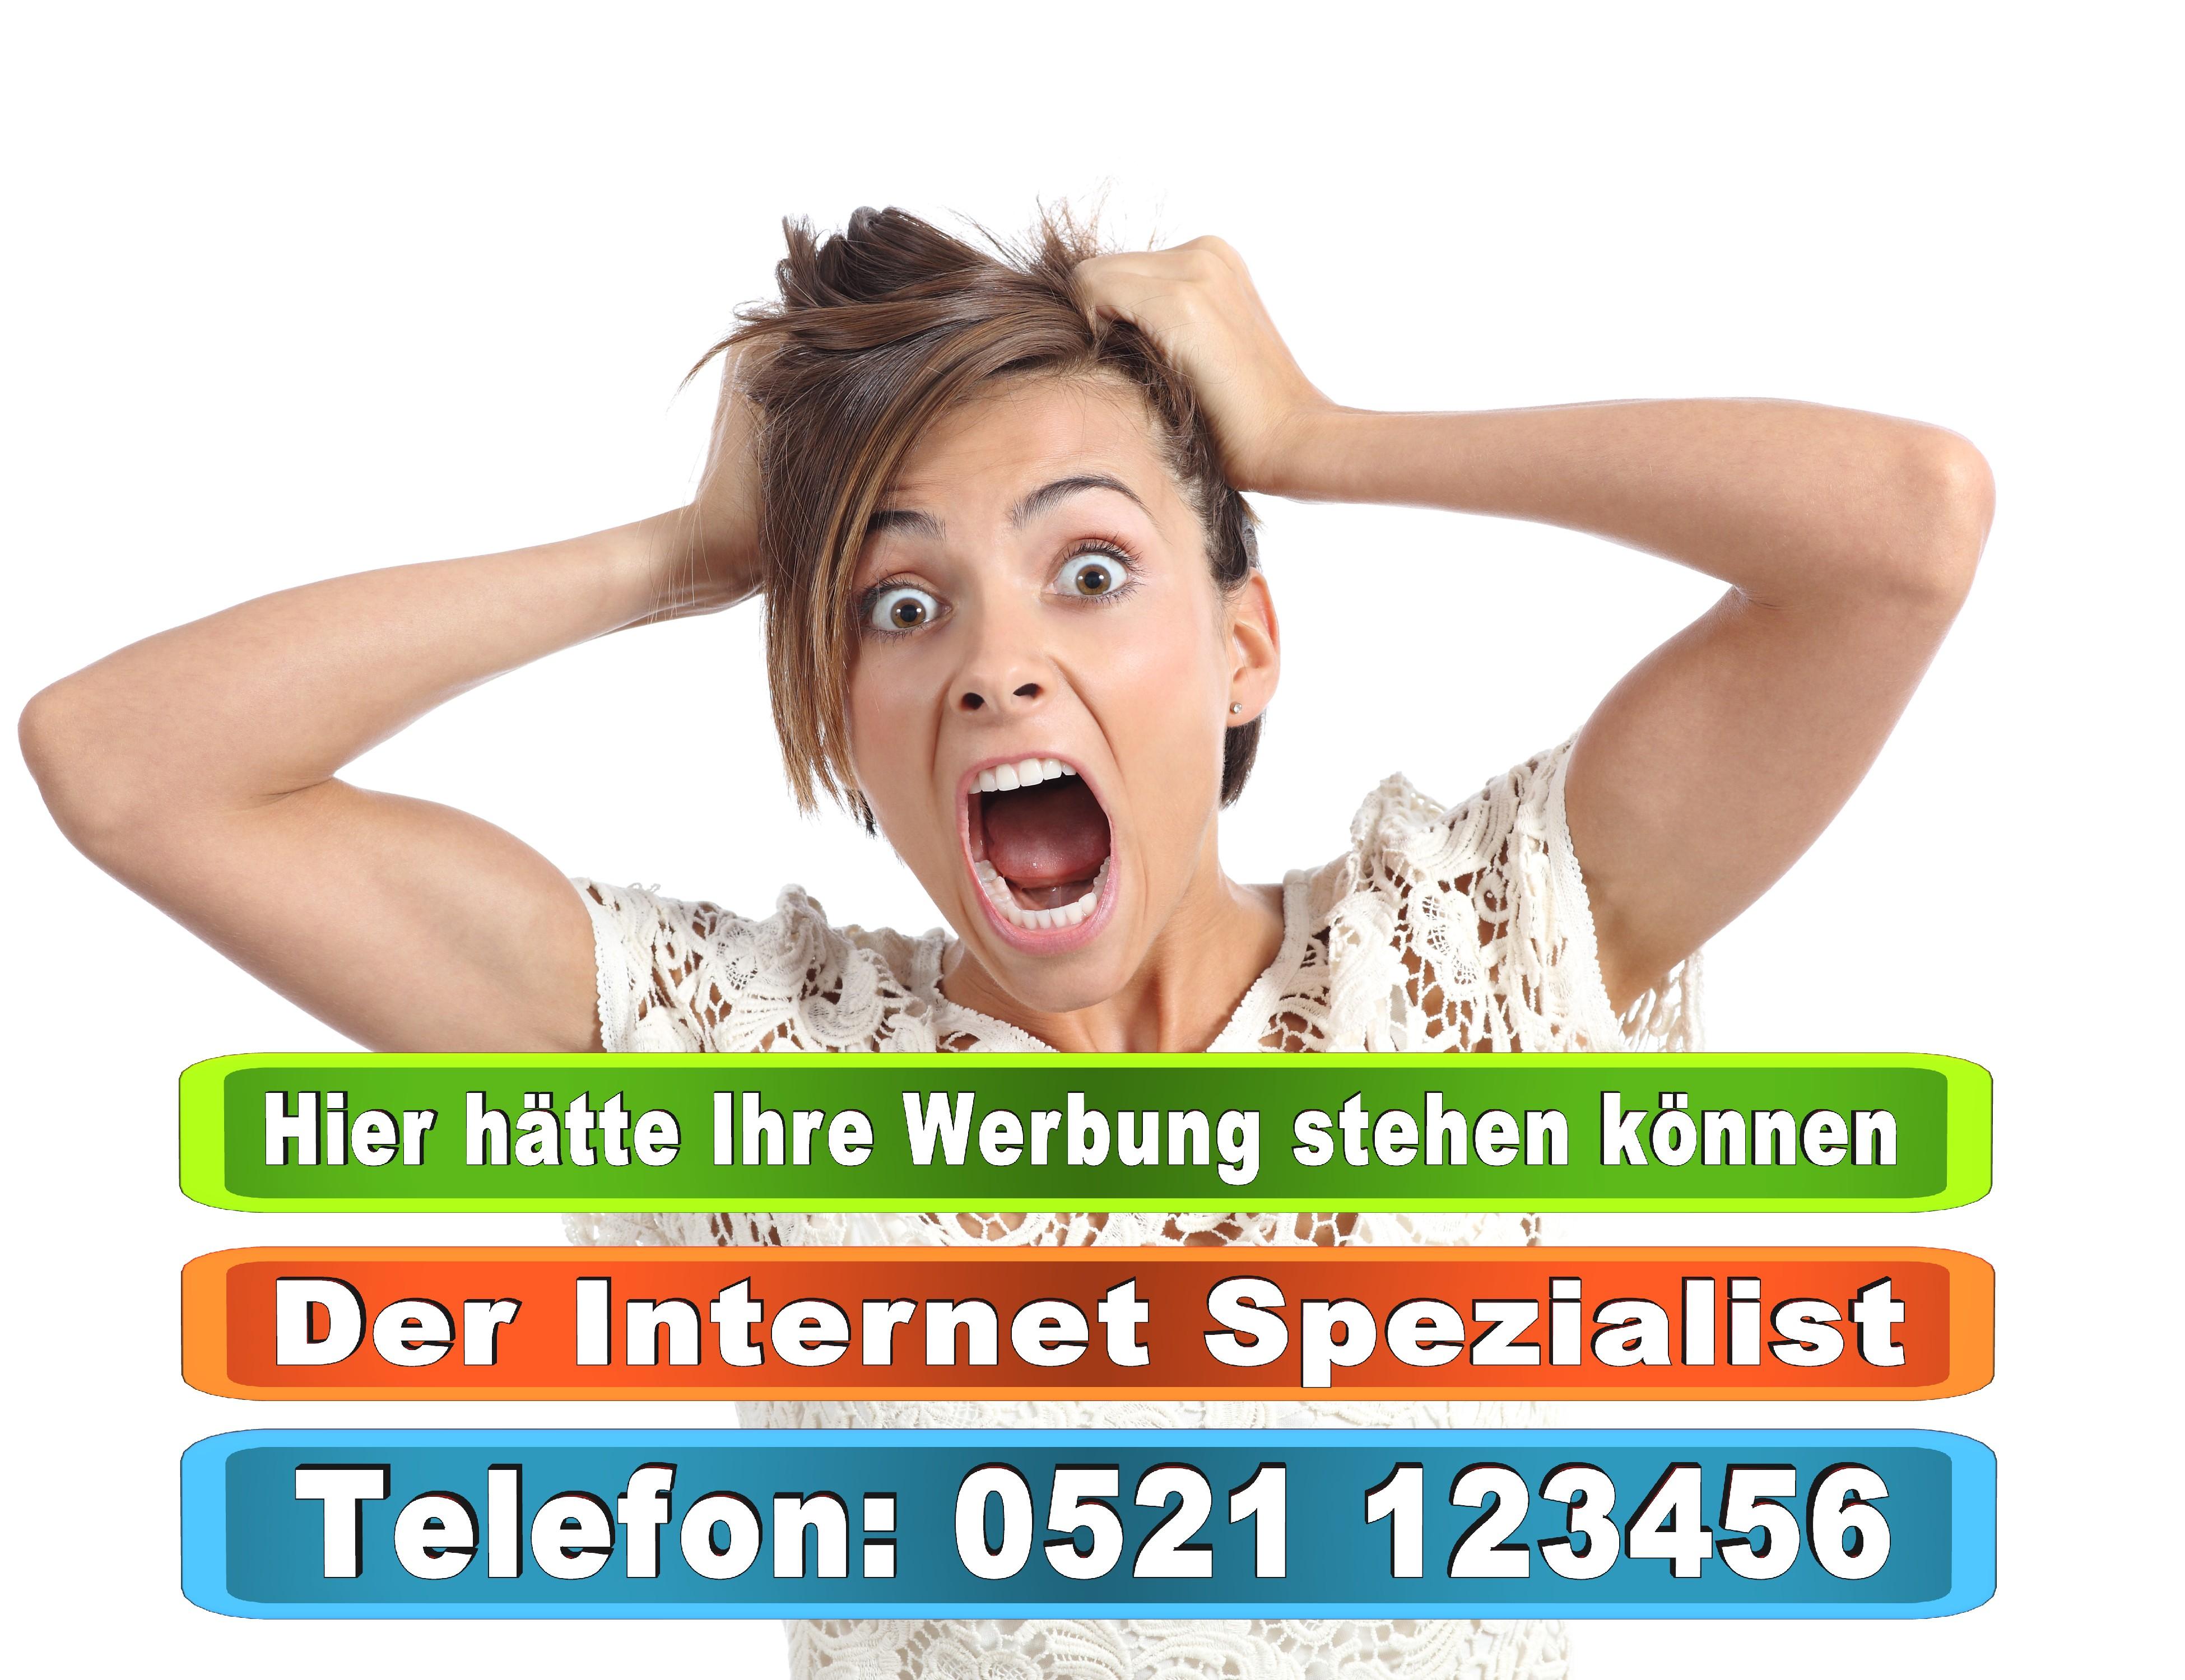 Bielefeld Werbung Werbeanzeigen Zeitungen Bielefeld OWL NRW Demonstrationen Polizei Bielefeld Kleinanzeigen Bielefeld Berlin Hamburg Köln (8)